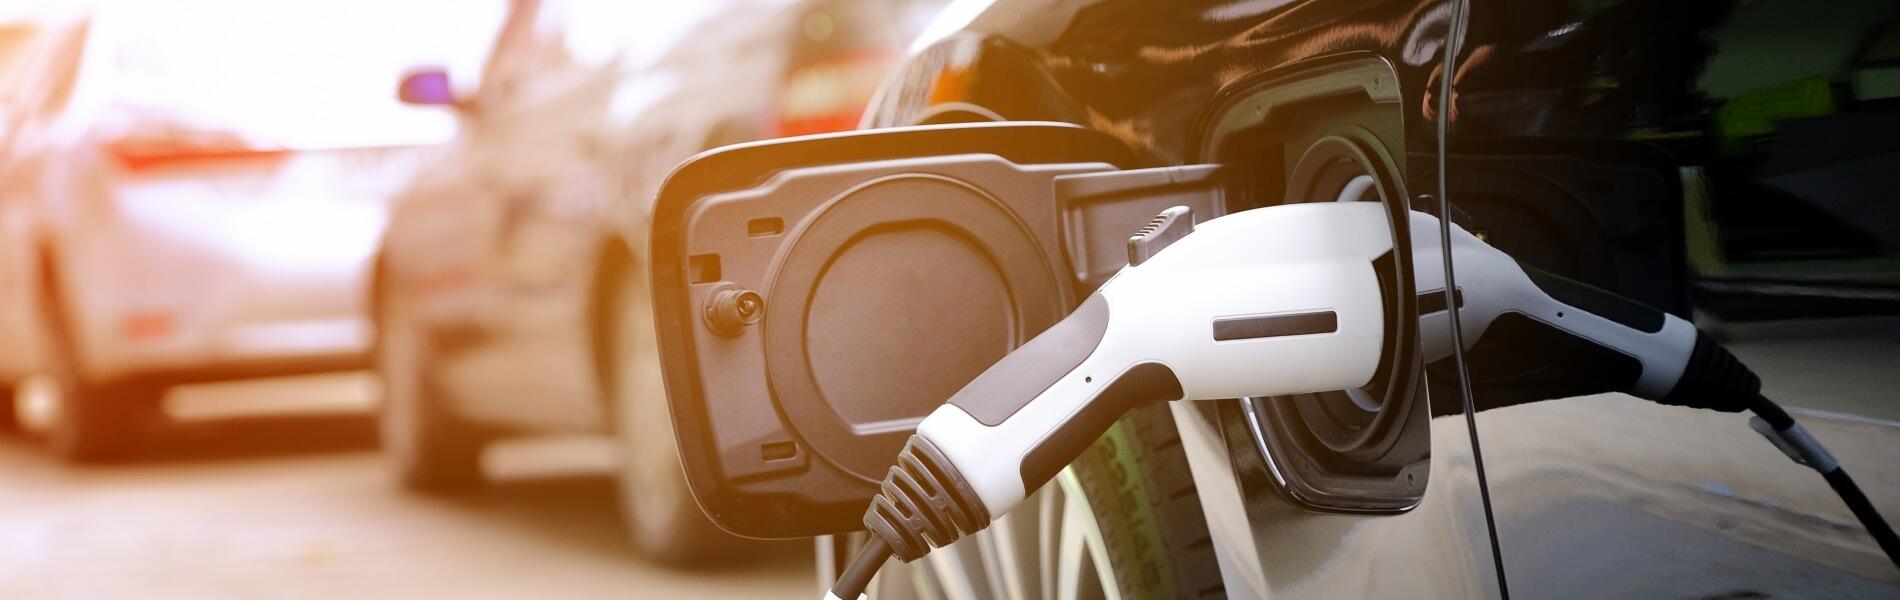 Ladung gesucht: Infrastruktur für E-Autos